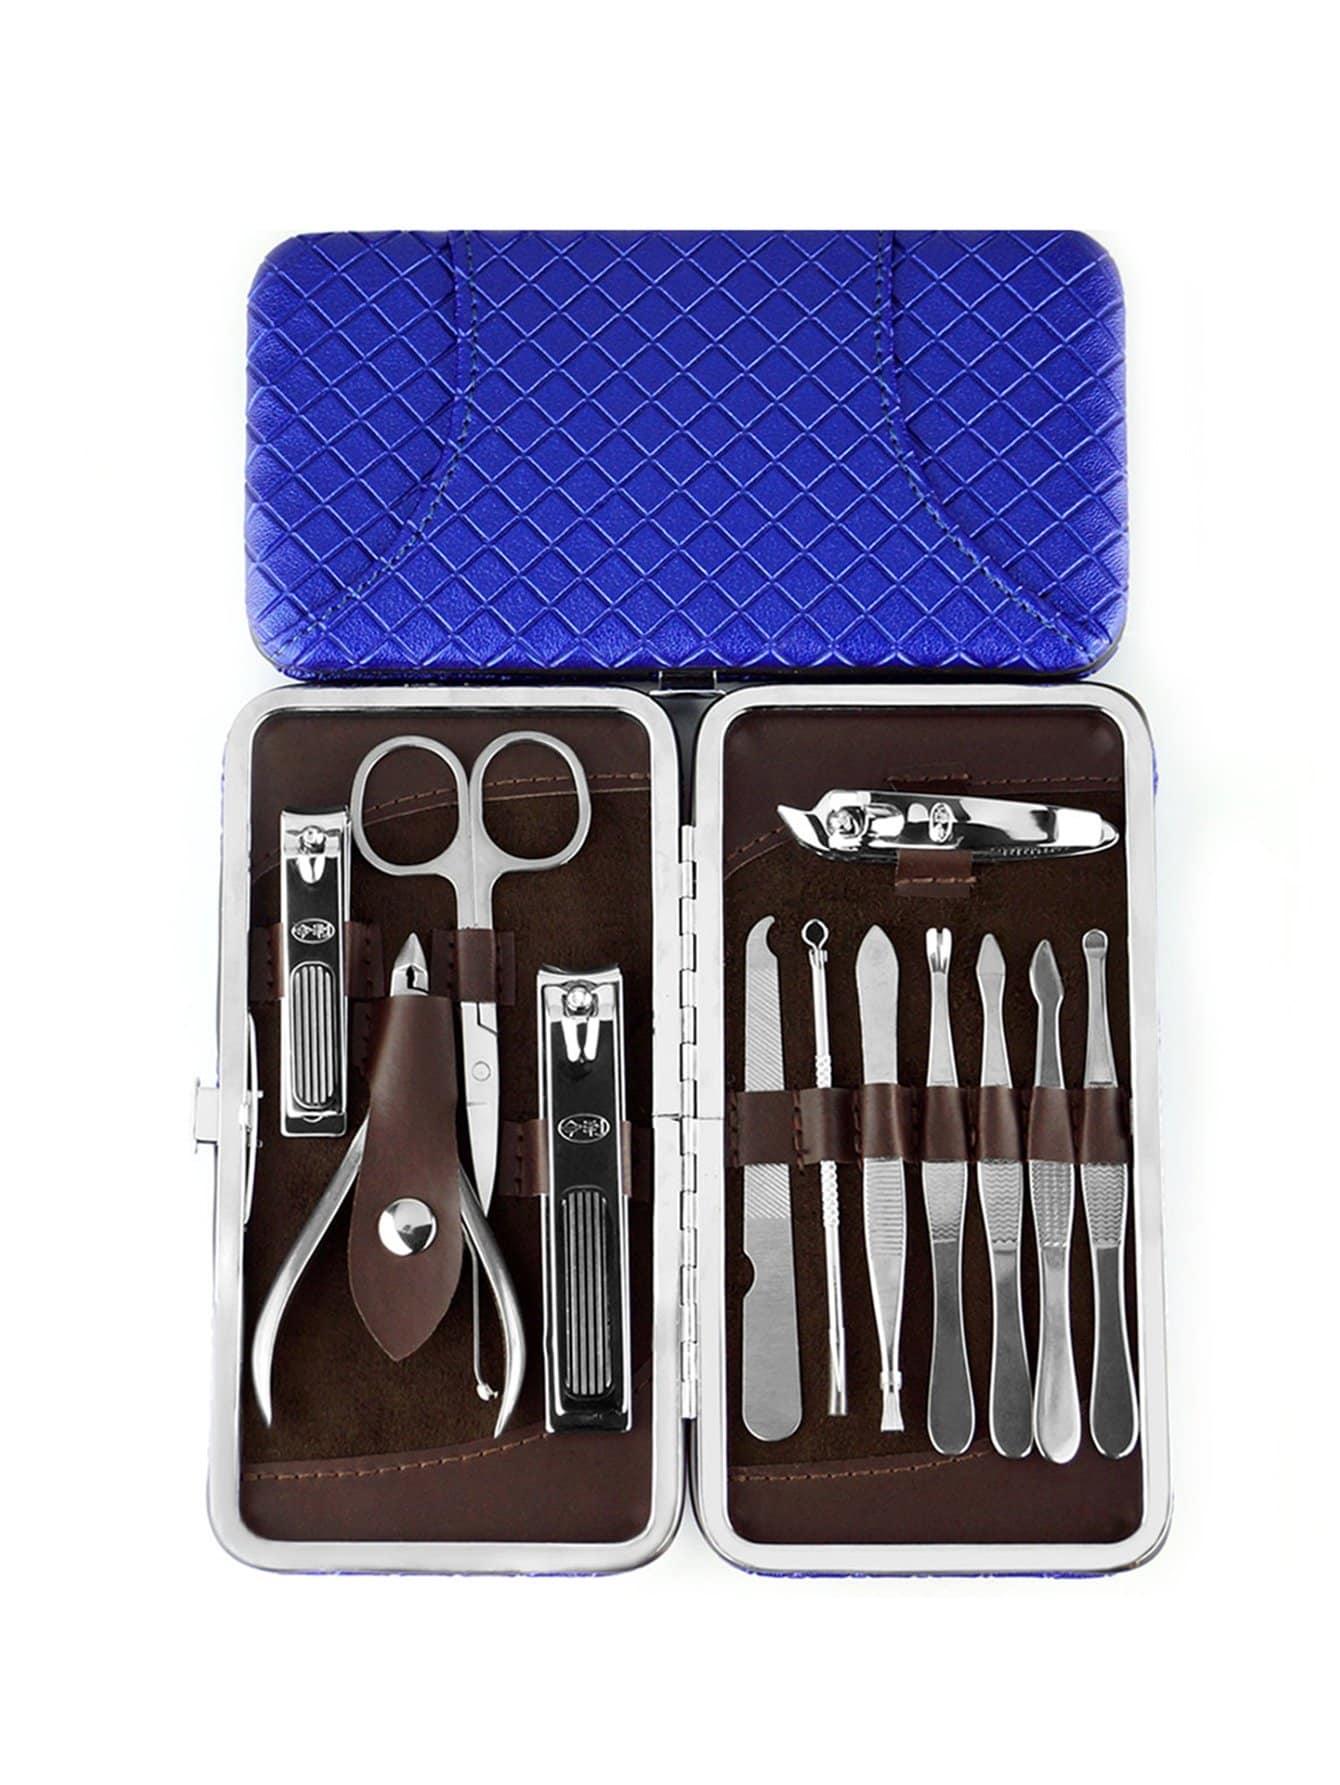 Купить Набор для ногтей из нержавеющей стали с корпусом 13 шт, null, SheIn